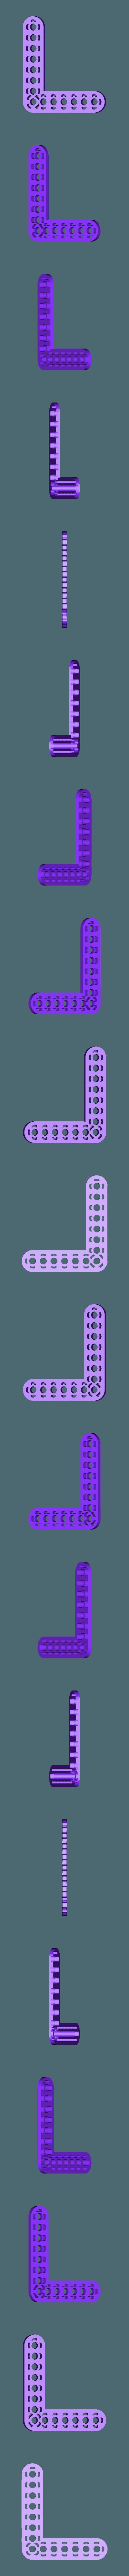 L_7_8.STL Télécharger fichier STL gratuit MEGA Expansion 200+ Pièces • Plan à imprimer en 3D, Pwentey